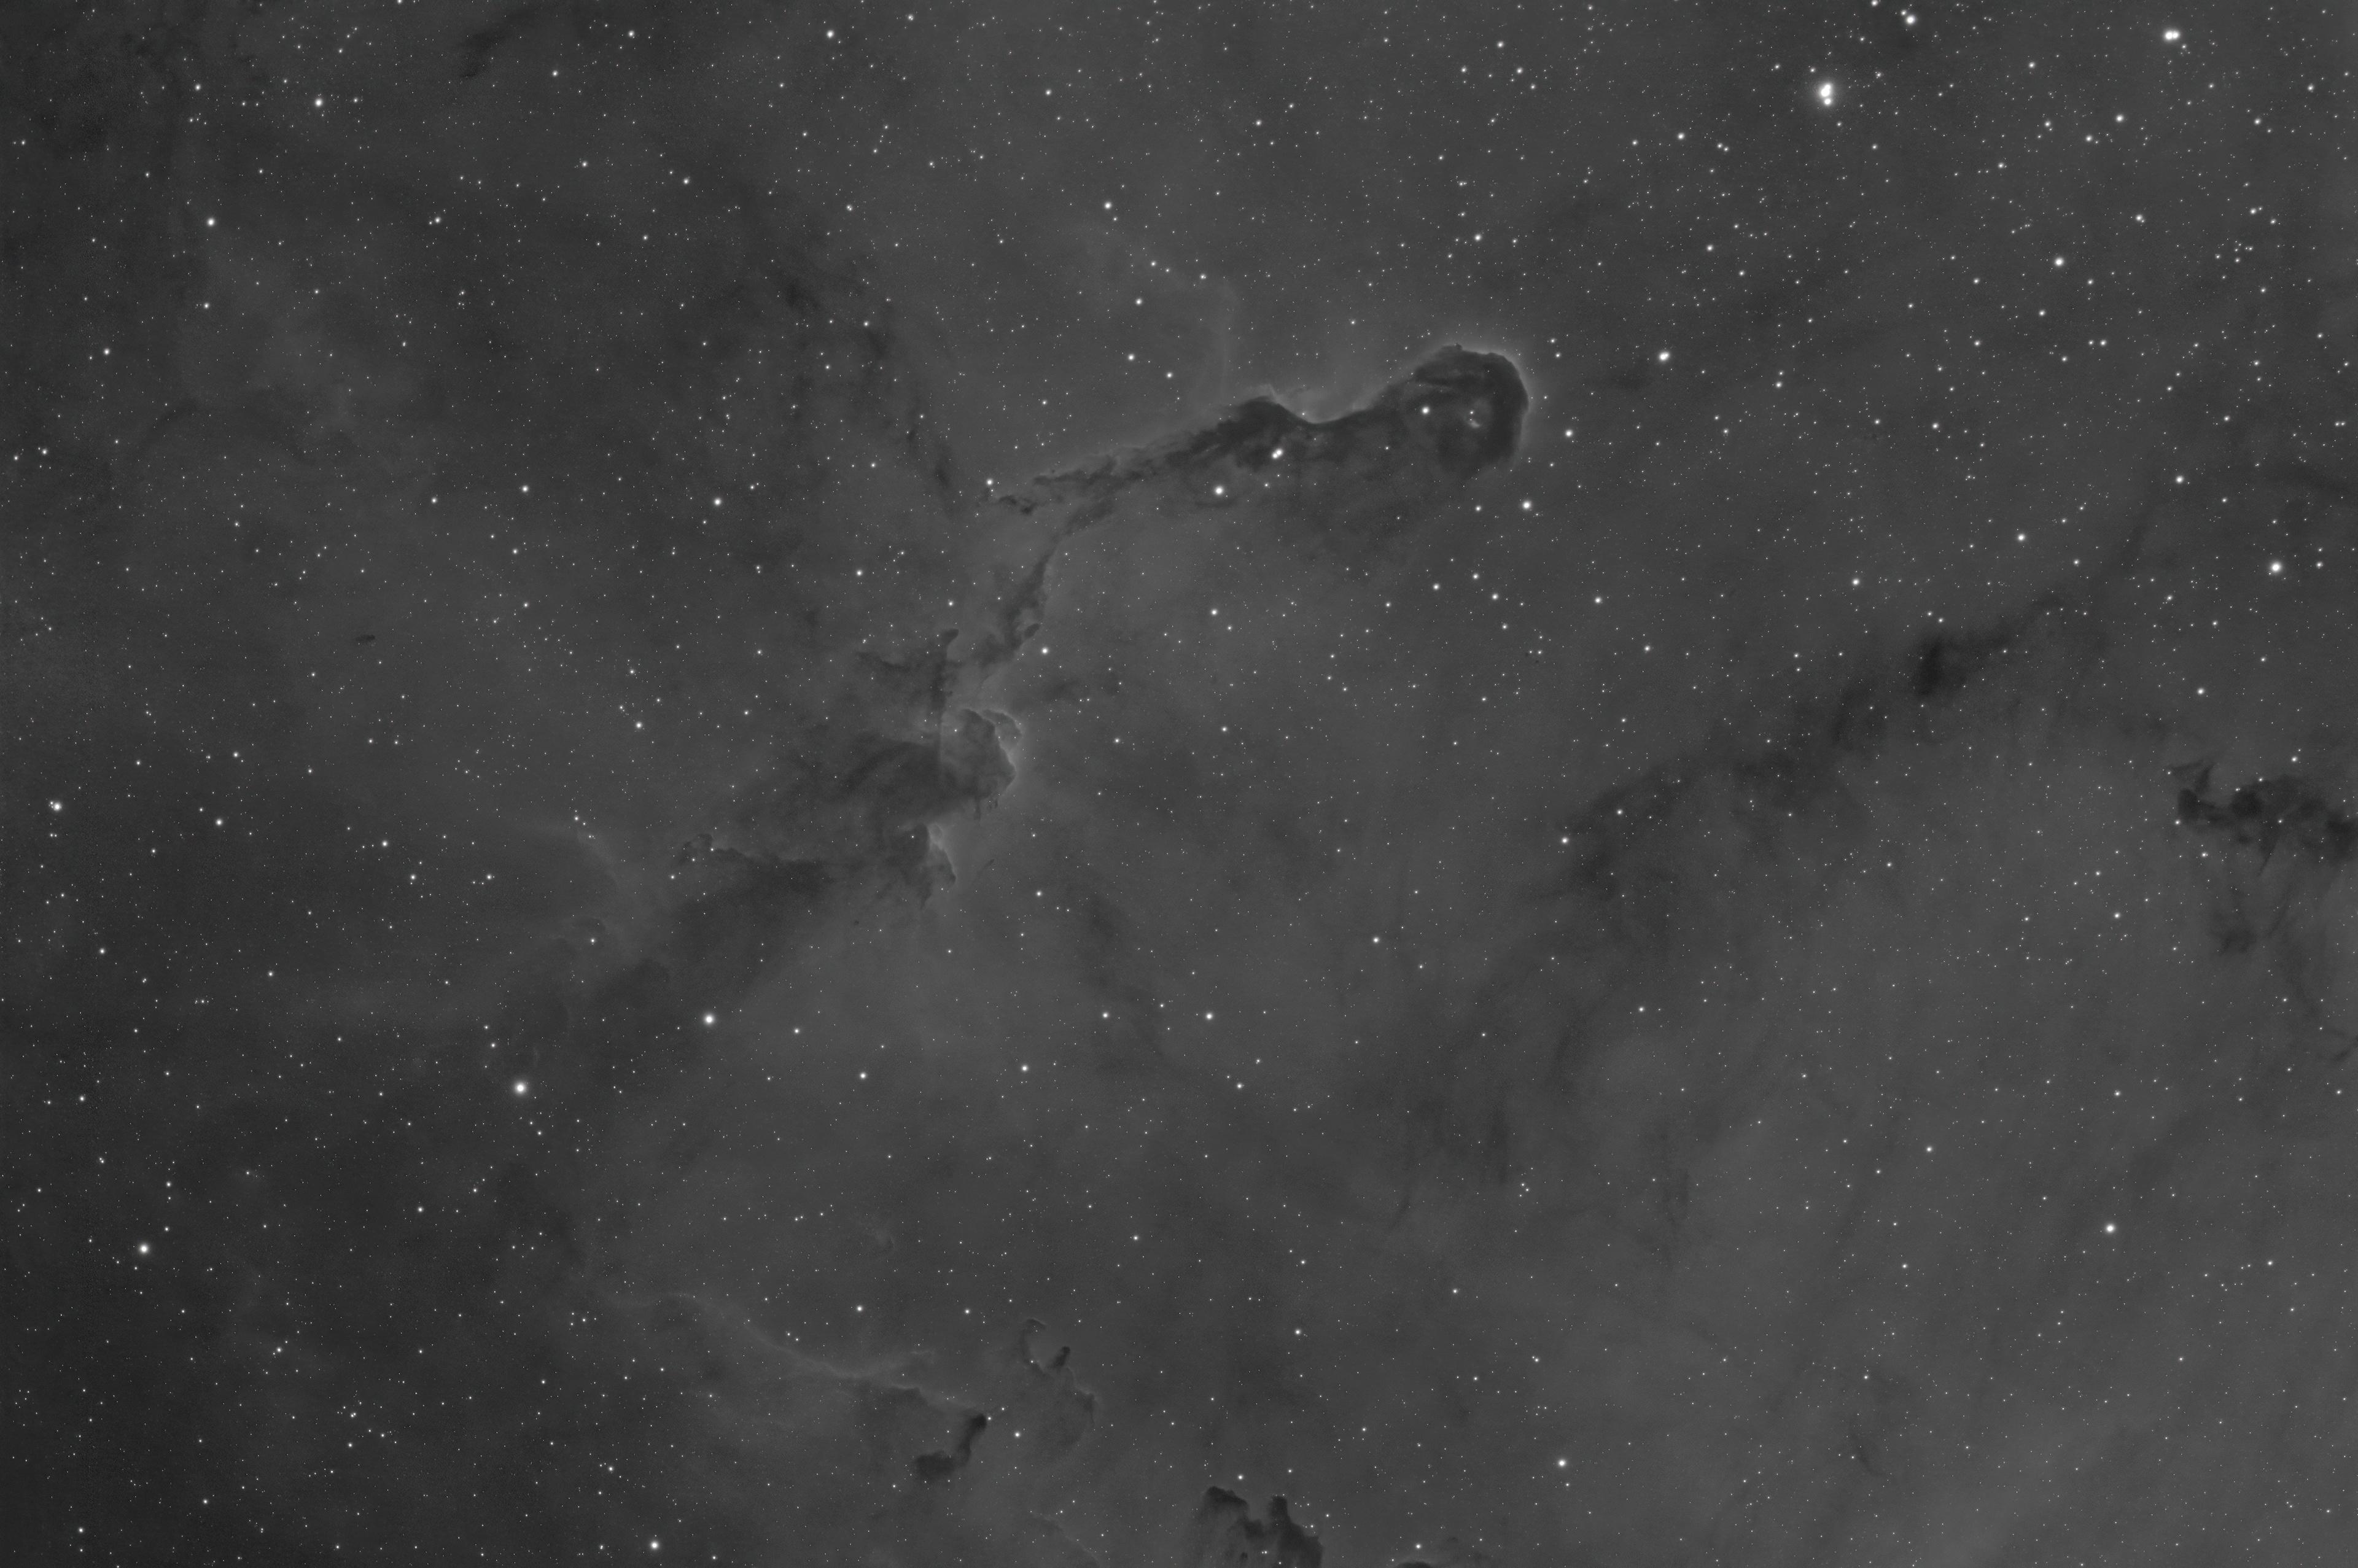 IC1396_30x180s-G270_-15c_Ha6nm_denoise.jpg